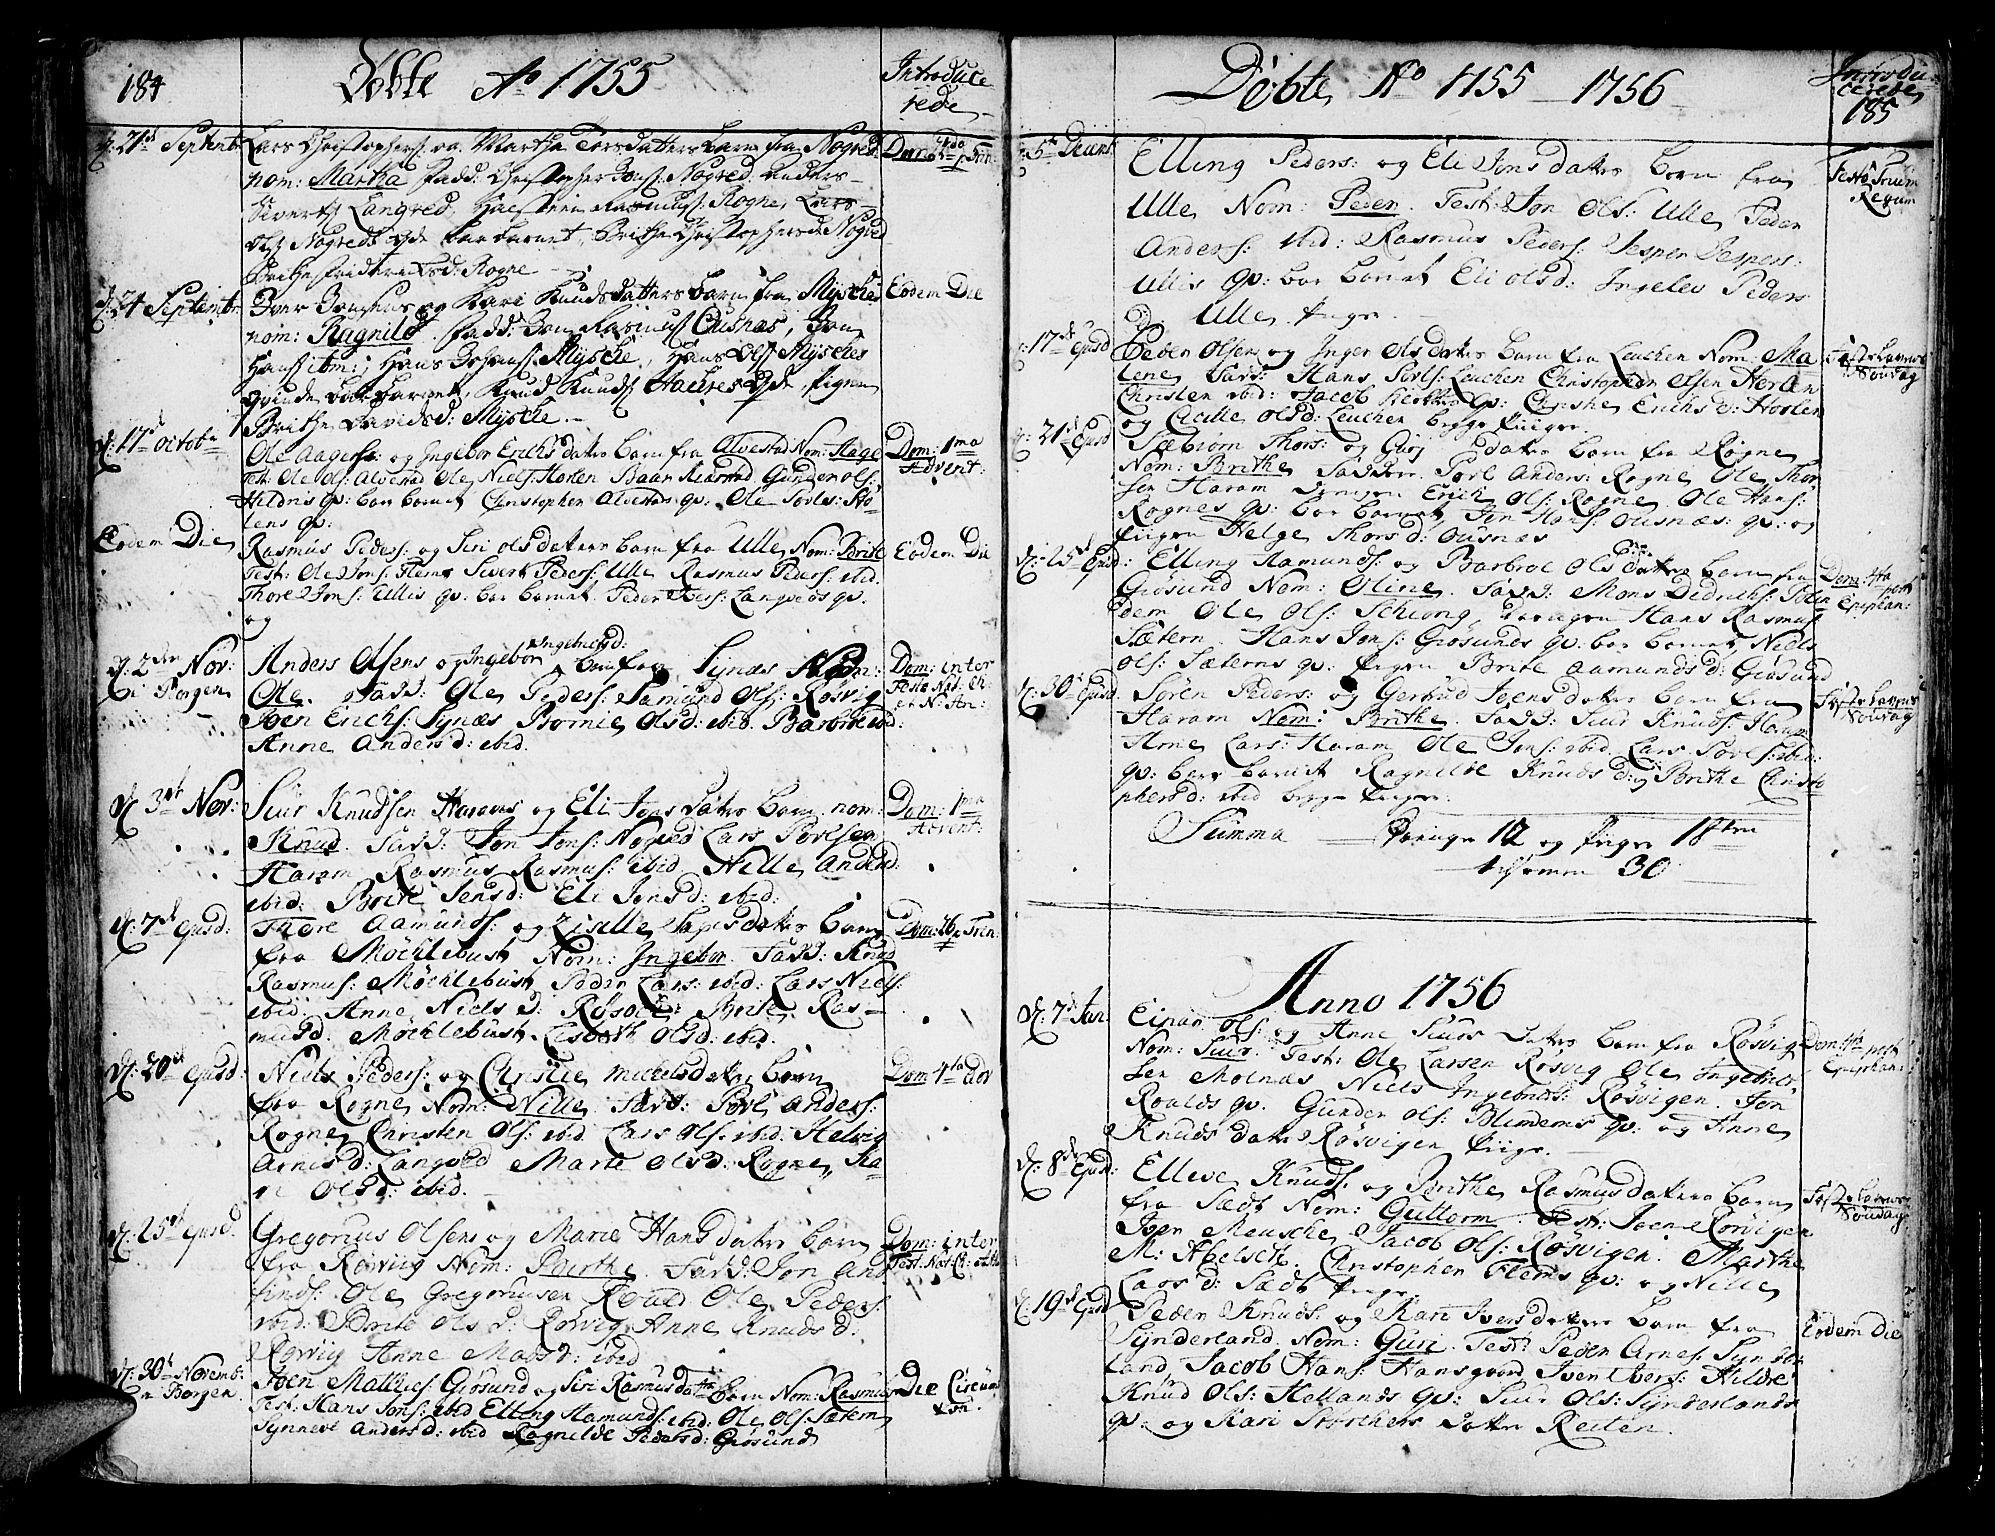 SAT, Ministerialprotokoller, klokkerbøker og fødselsregistre - Møre og Romsdal, 536/L0493: Ministerialbok nr. 536A02, 1739-1802, s. 184-185